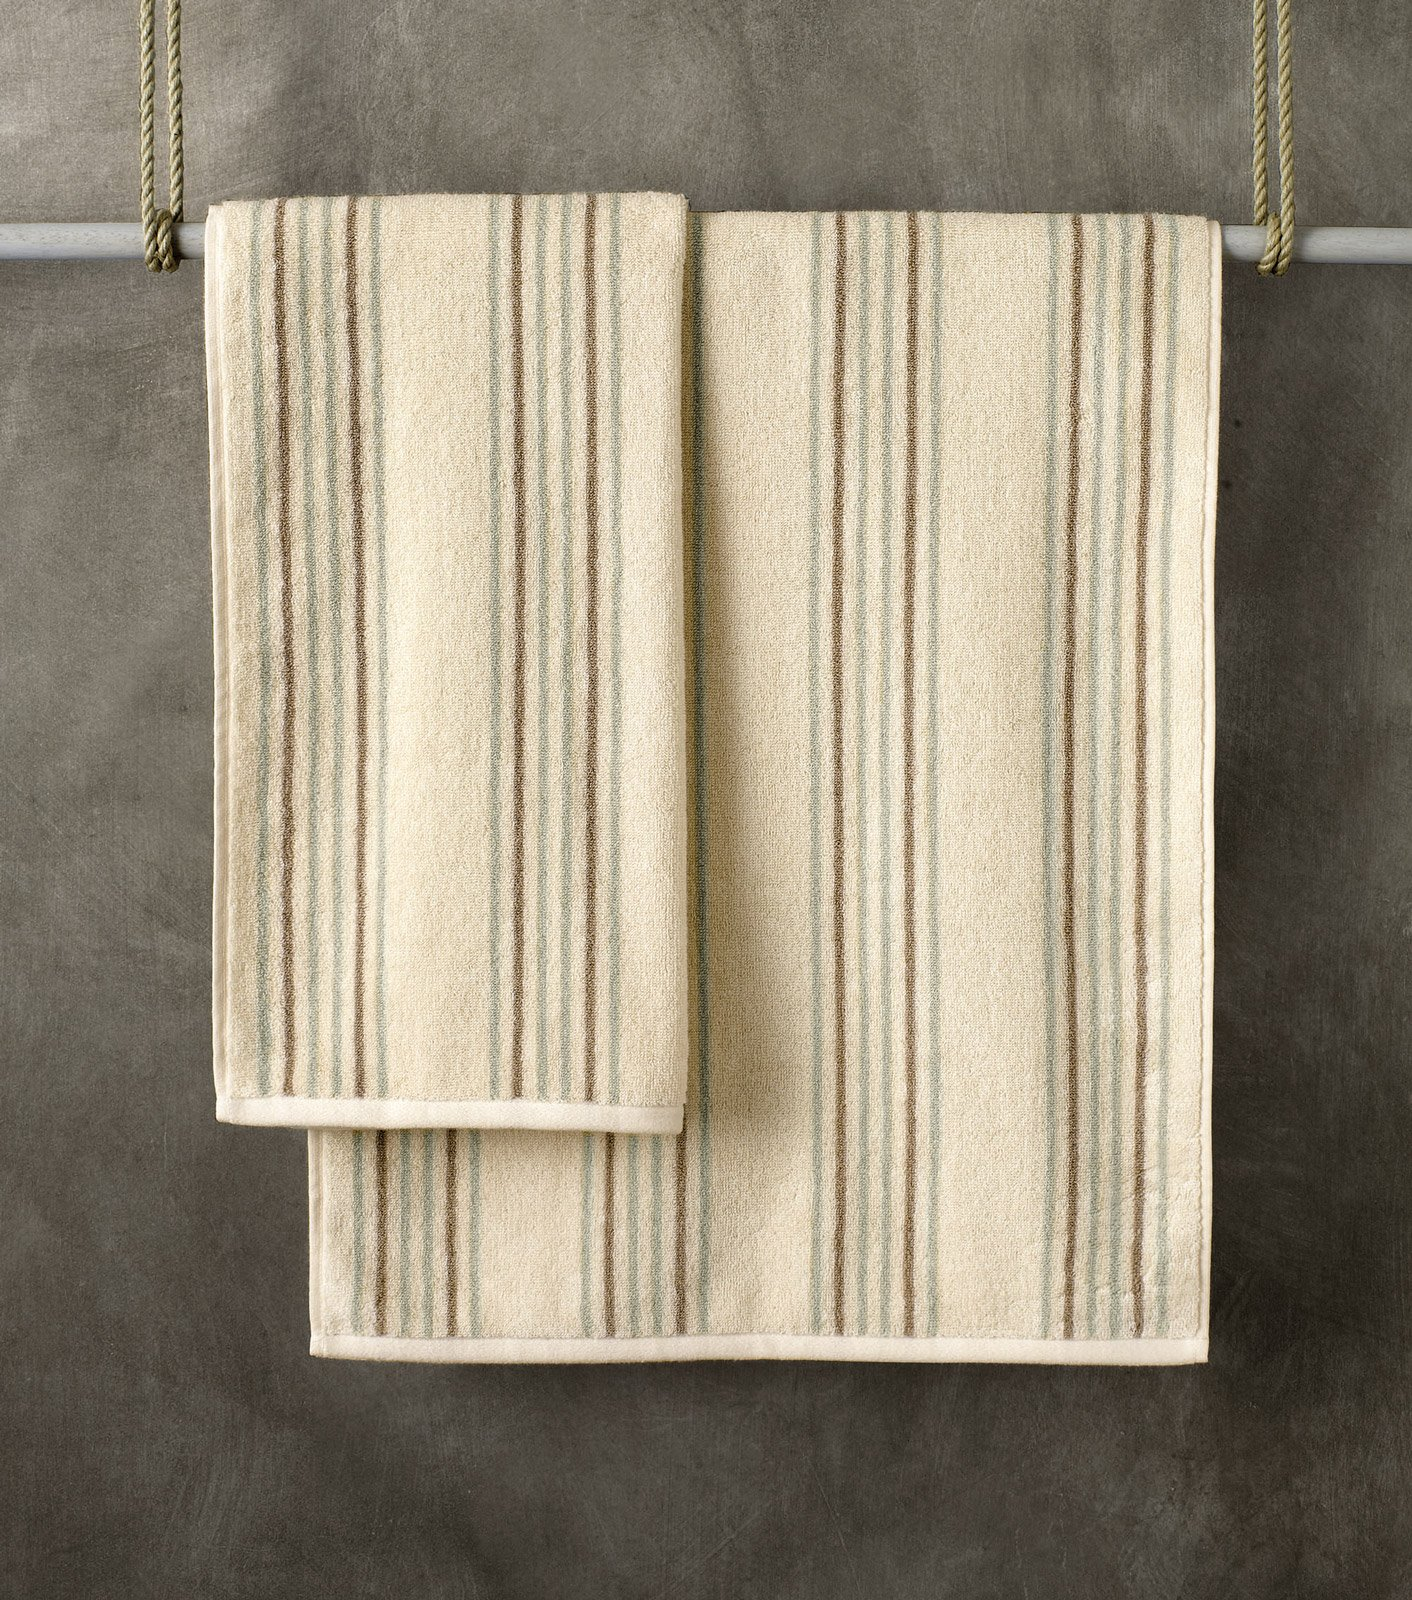 Asciugamani Per Il Bagno.Asciugamani Per Il Bagno Come Scegliere Materiali E Colori